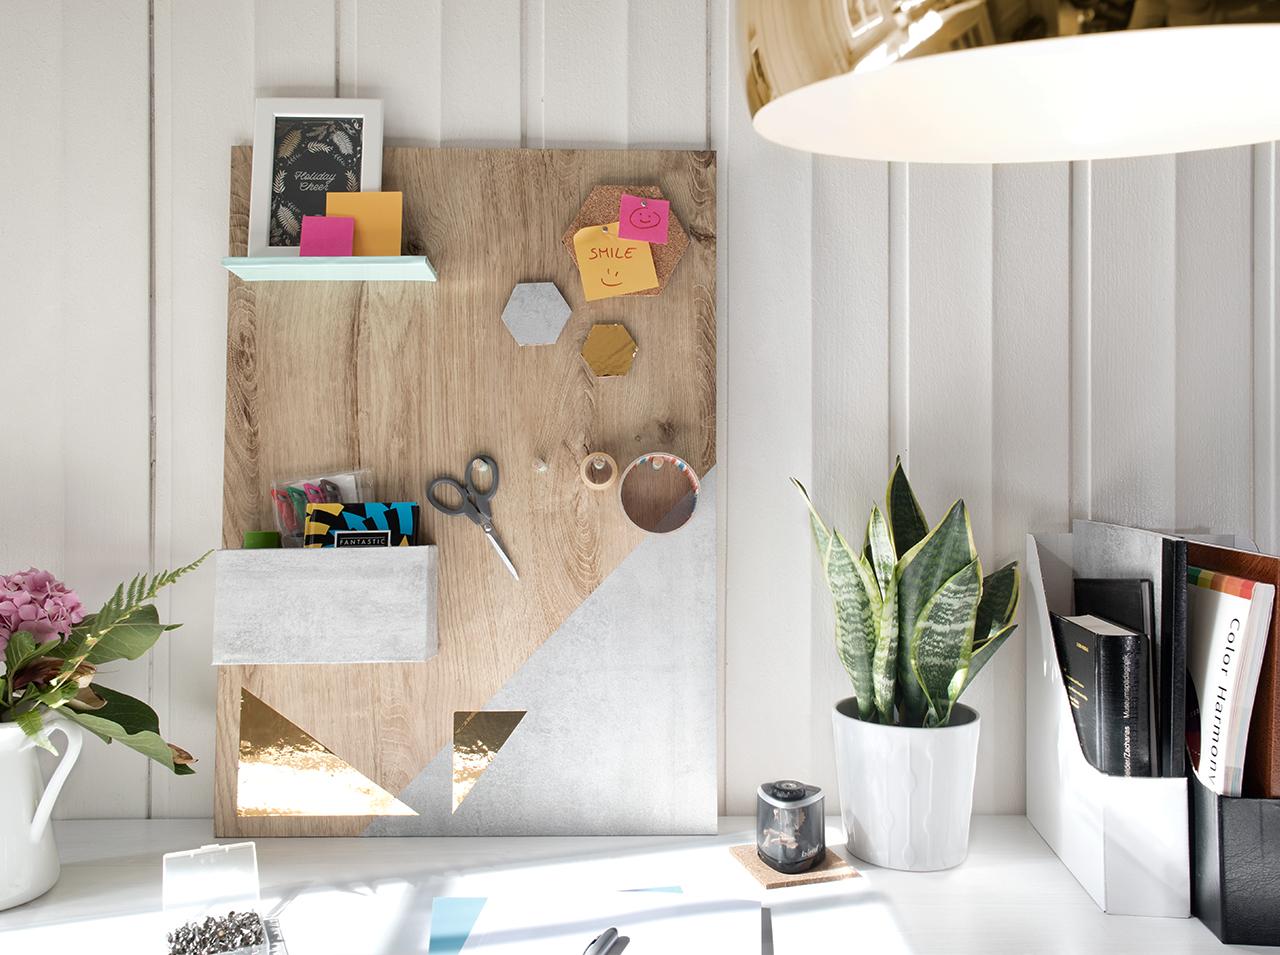 Praktyczny drewniany przybór do majsterkowania wykonany z drewna, pokryty folią samoprzylepną d-c-fix® w pastelowych kolorach i złocie.